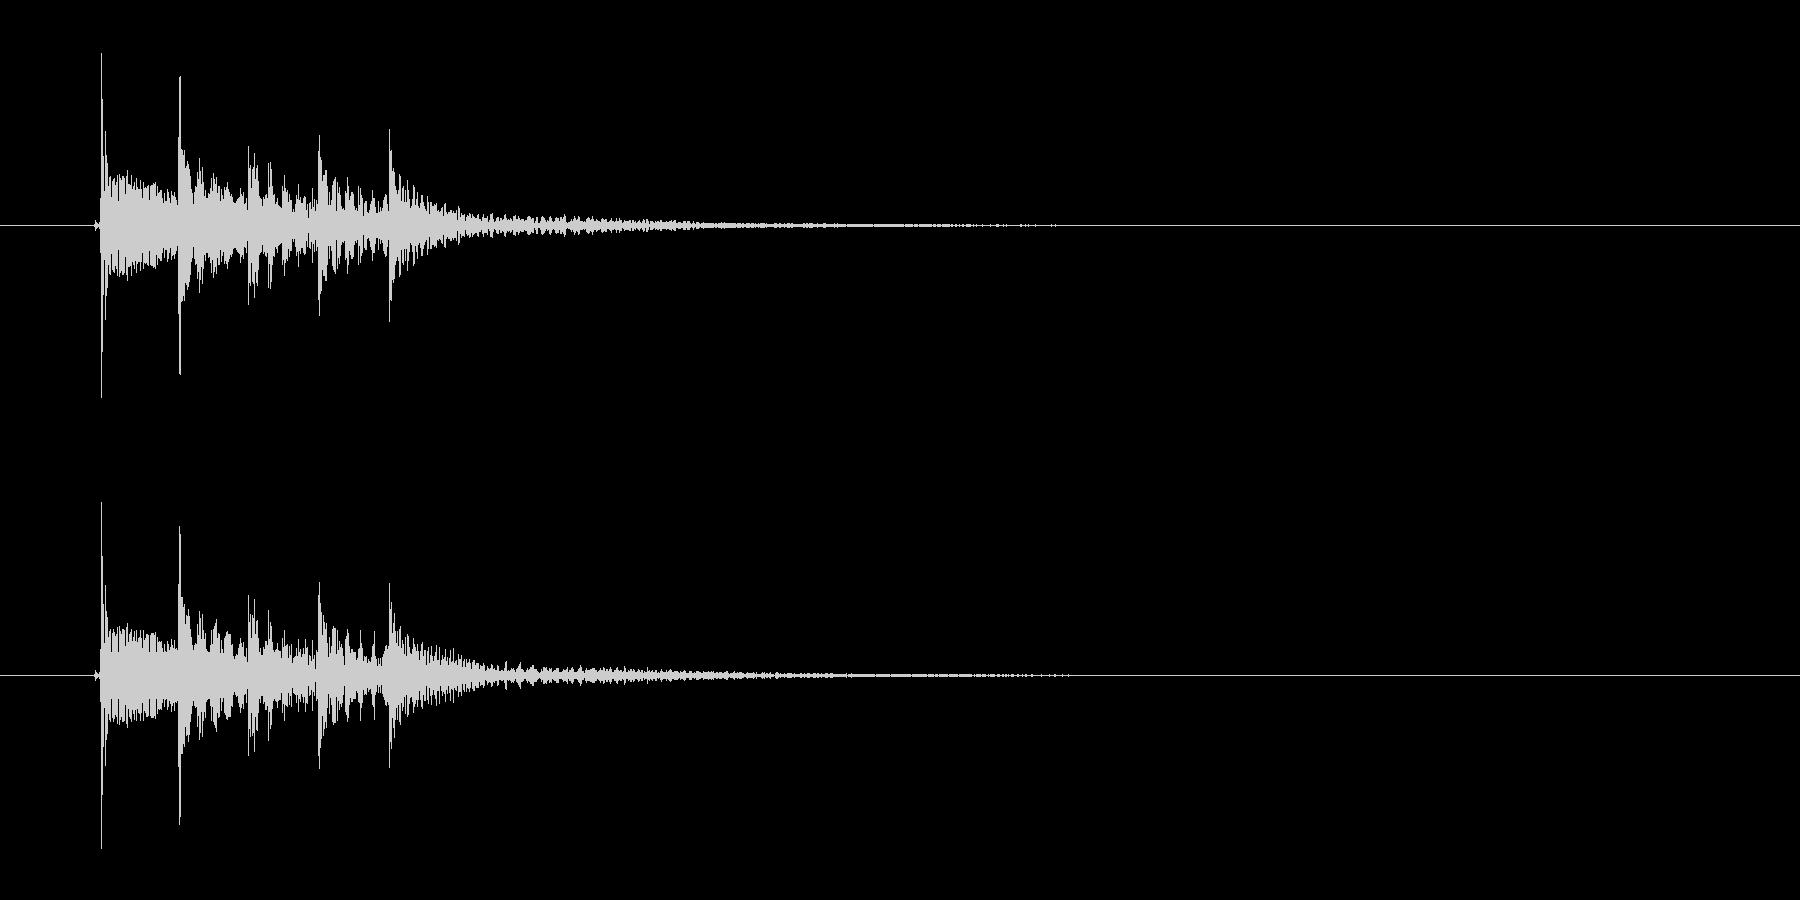 トゥロロロレン(不思議な音)の未再生の波形